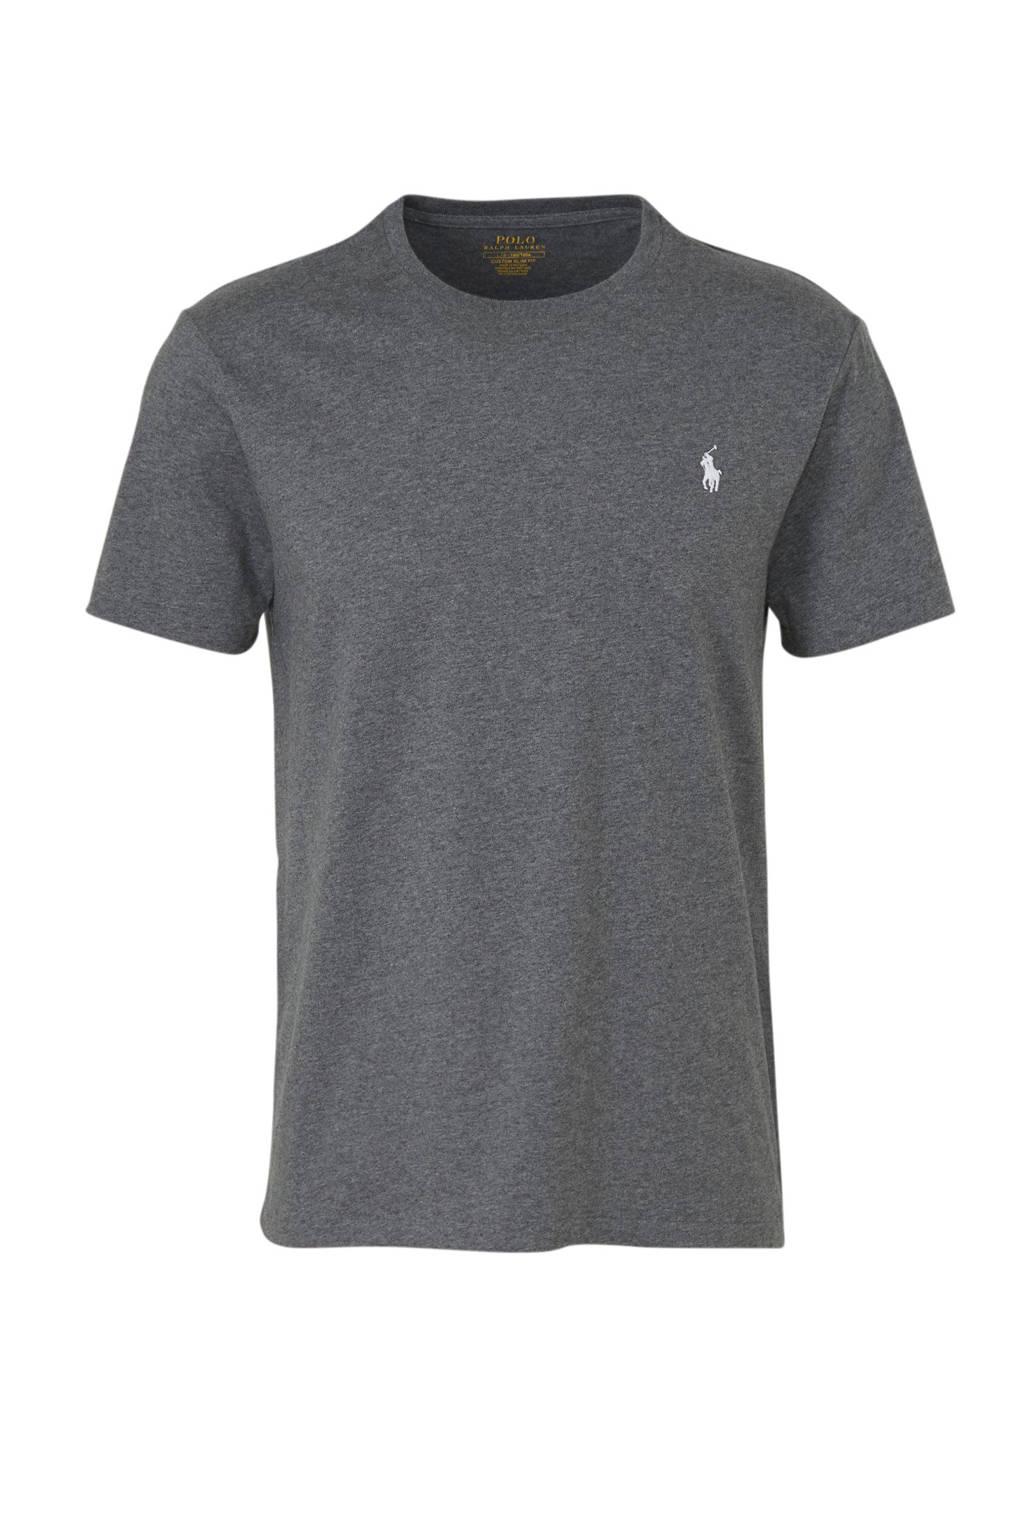 POLO Ralph Lauren T-shirt met logo kaki, Kaki